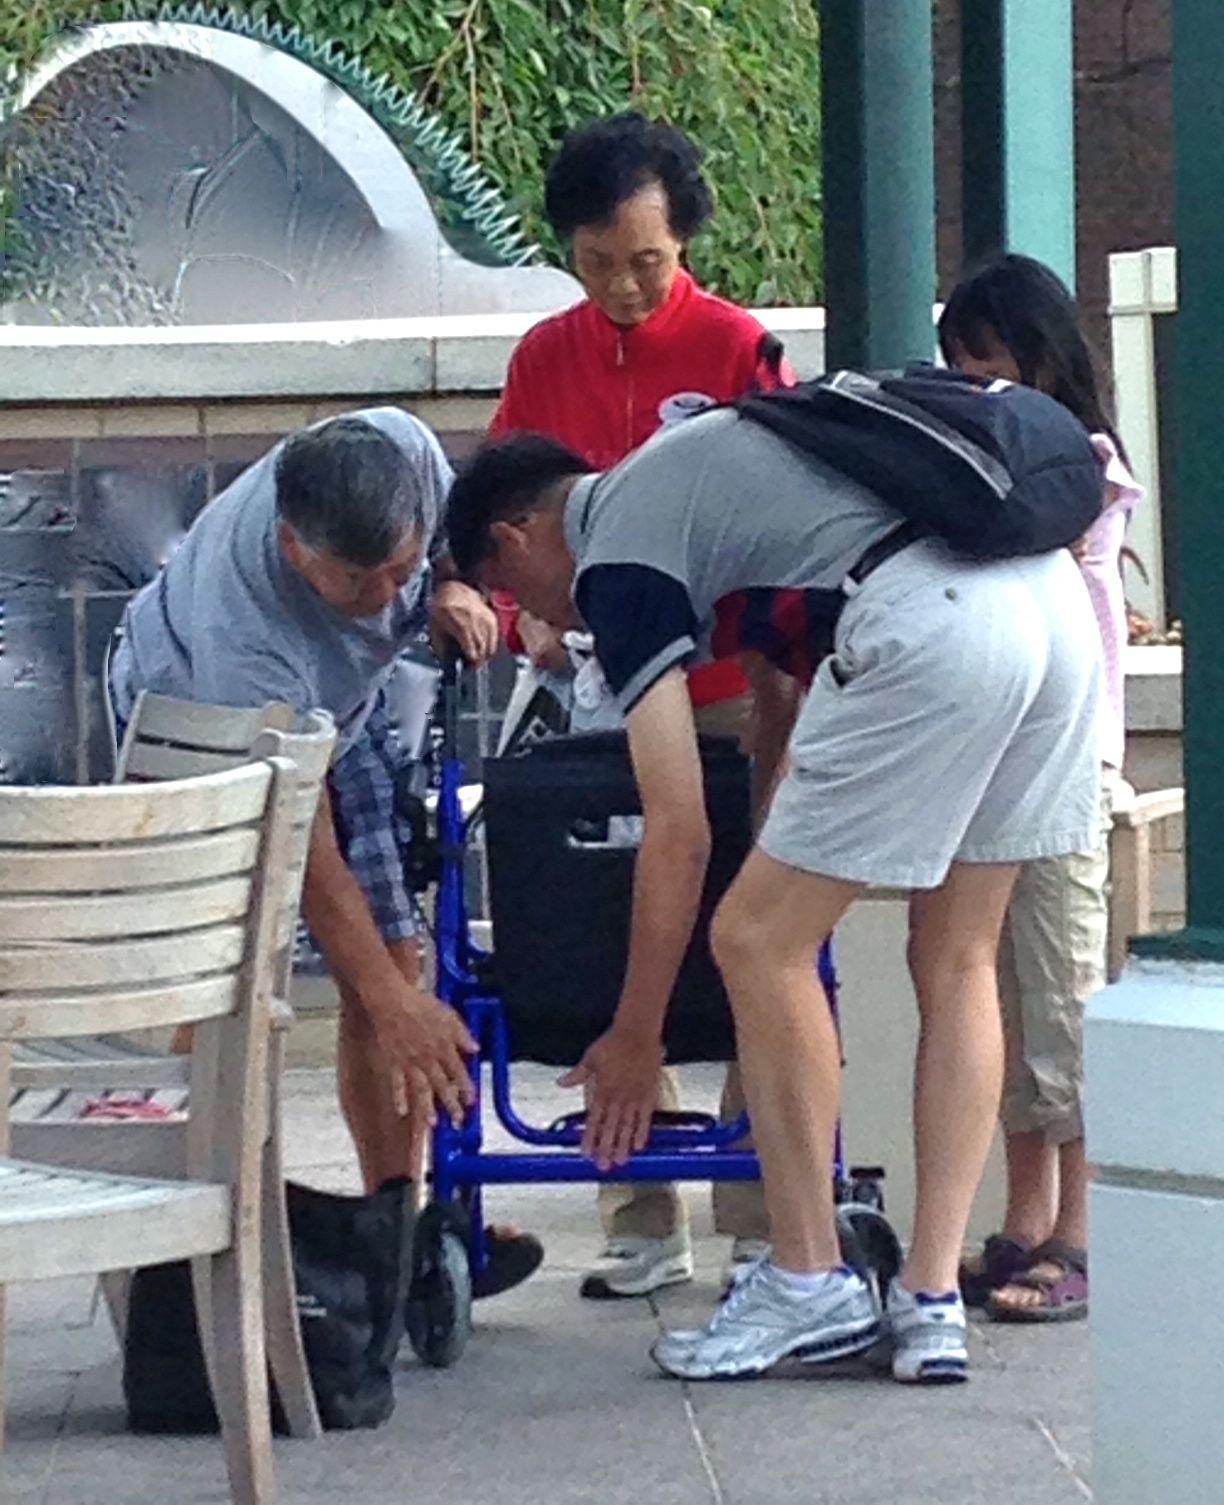 wheelchair jobs dallas cowboys bean bag chair the total cio andy avraham blumenthal august 2013